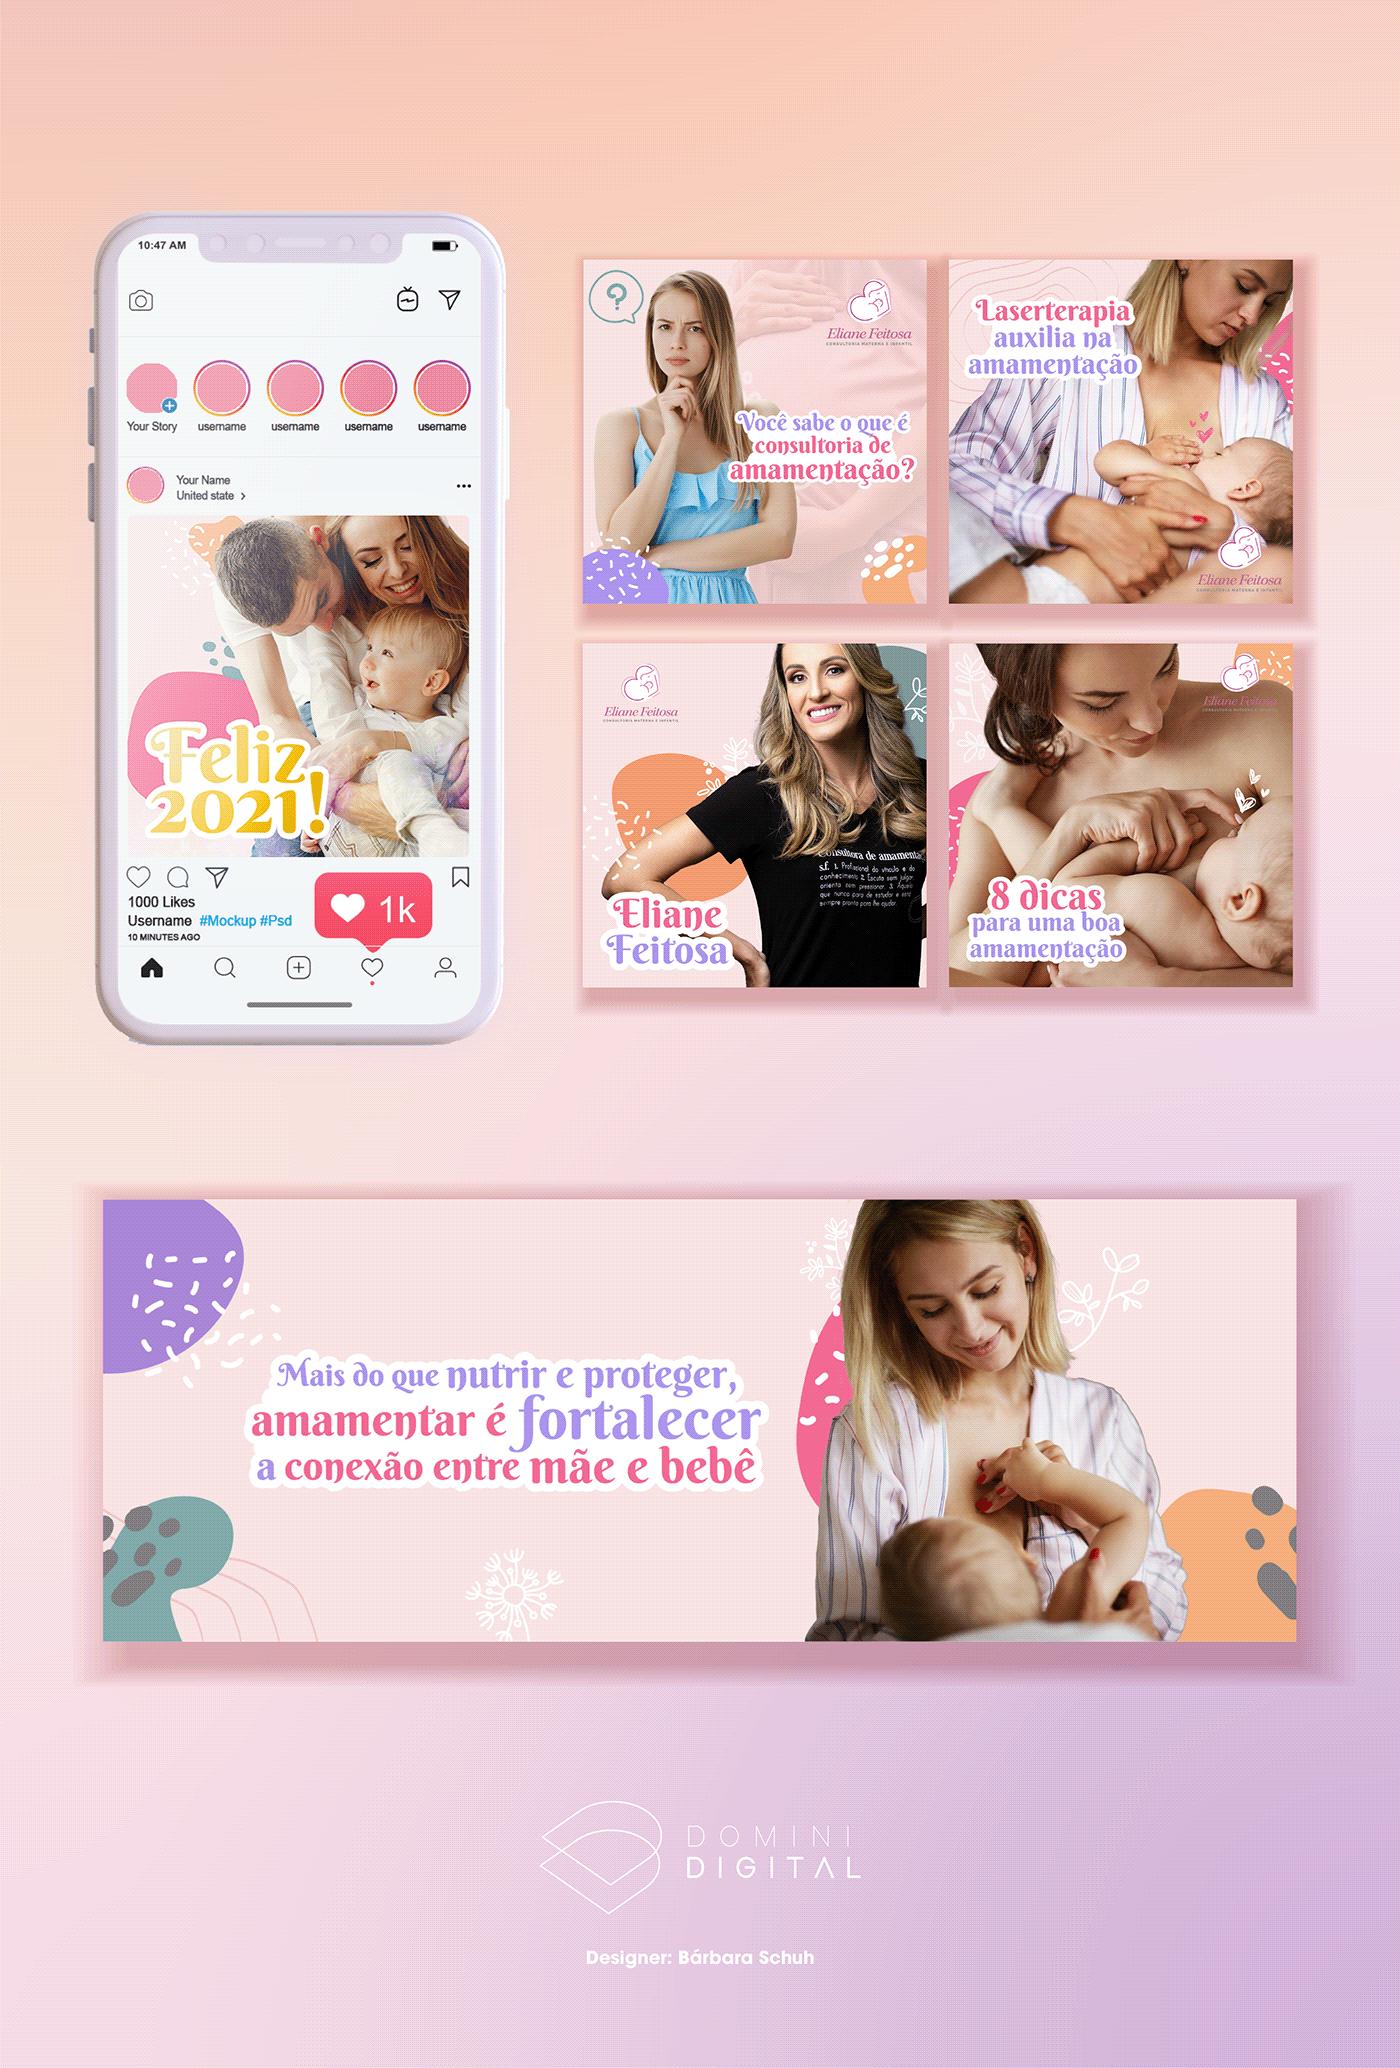 amamentação baby bebe Consultora materna doula mãe maternidade mother recém nascido social media